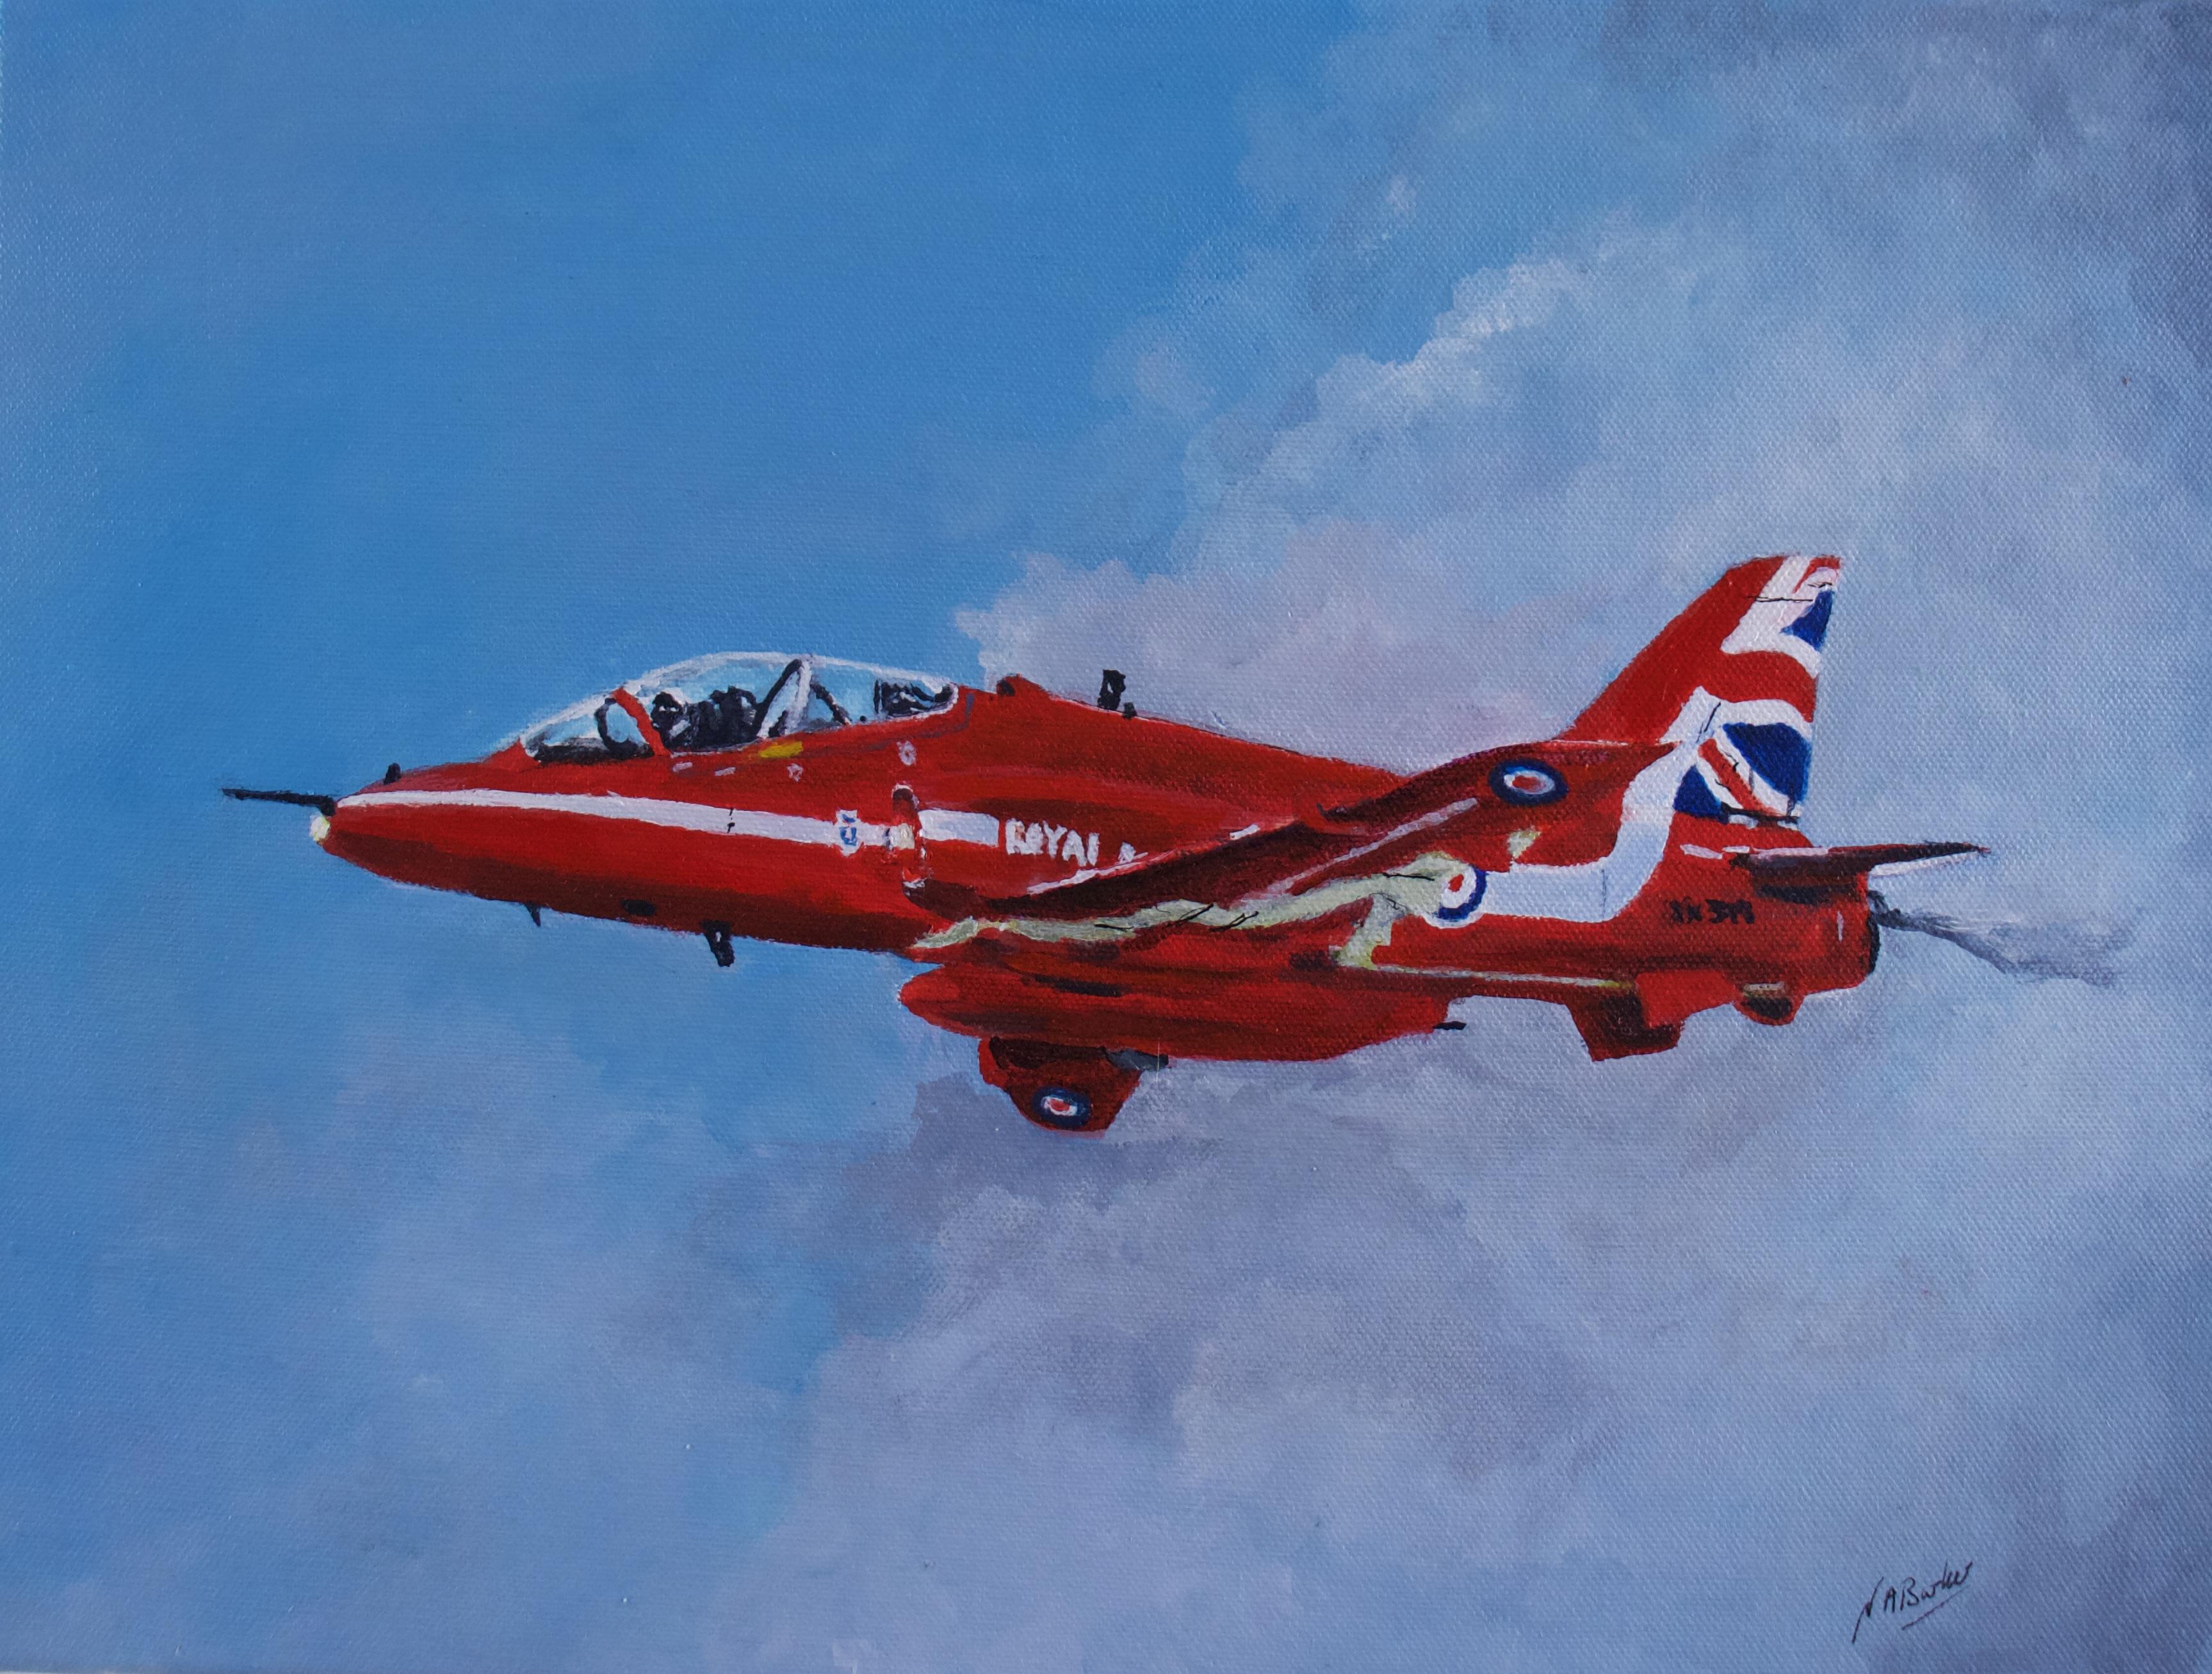 Red Arrow - Acrylic on Canvas - 30x40cm unframed - £175